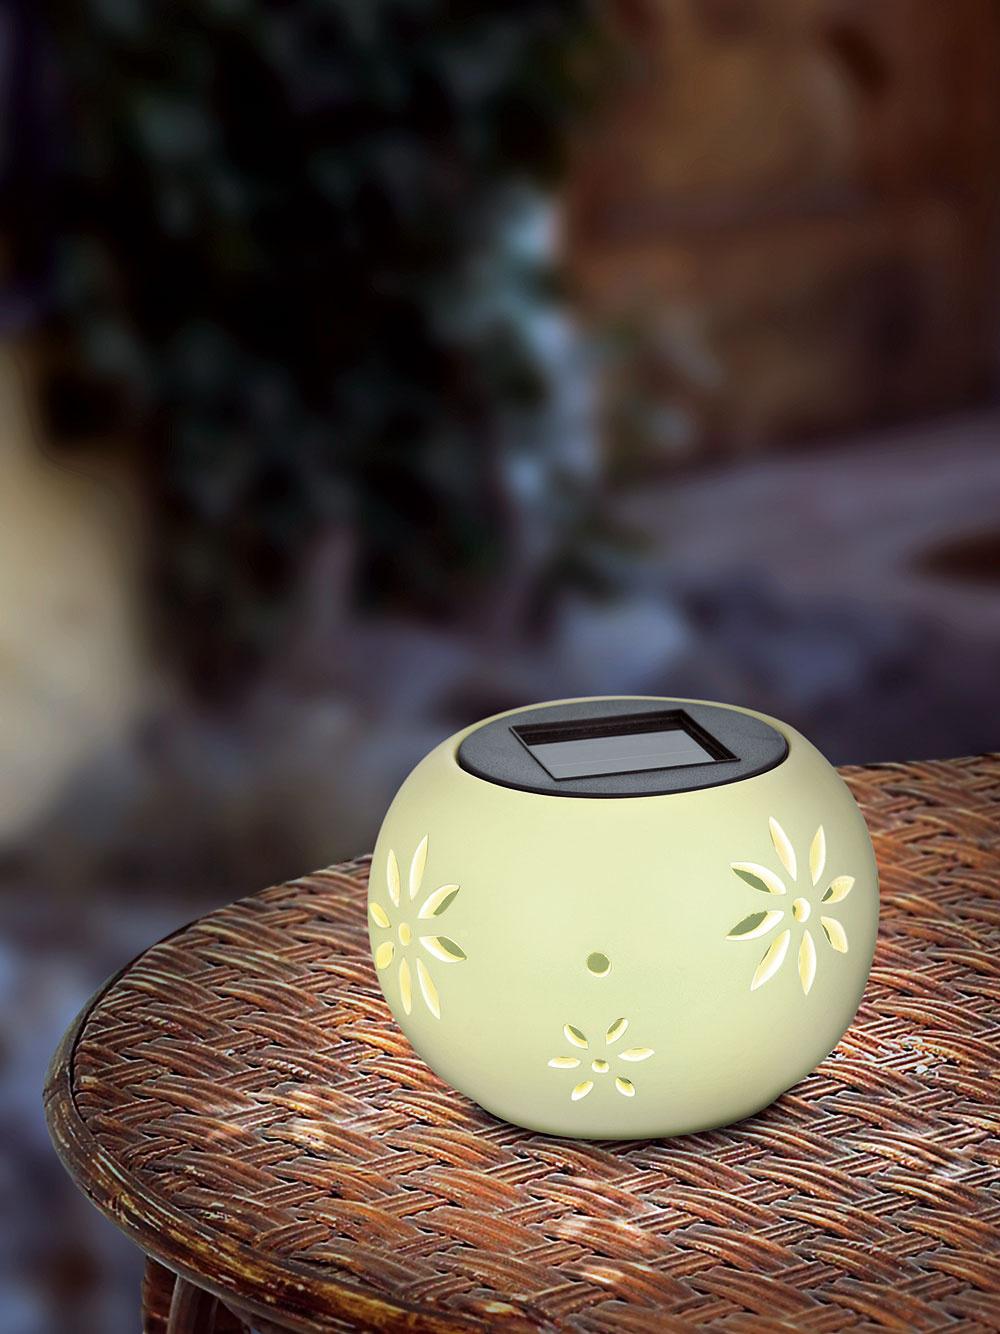 Solárna čajová sviečka, keramika, 8,60 €, www.eglo.sk